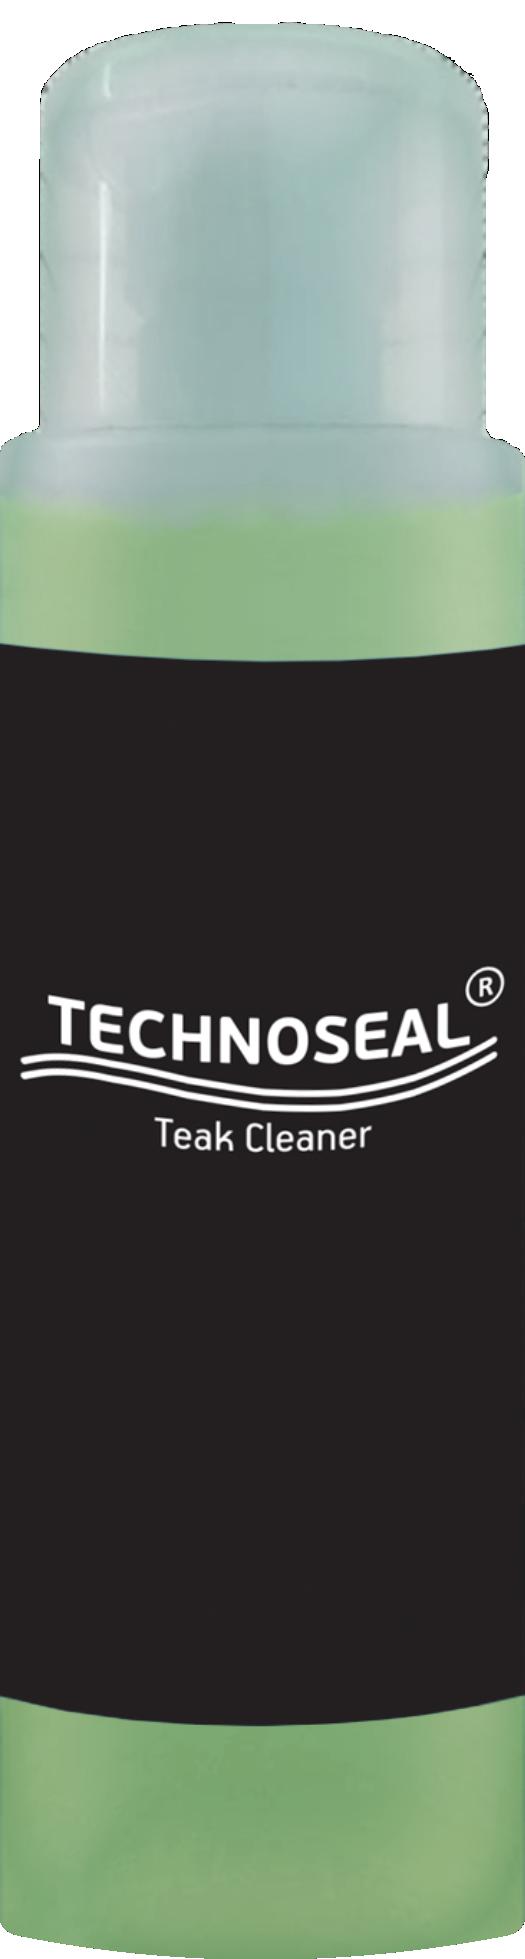 teak cleaner 500ml